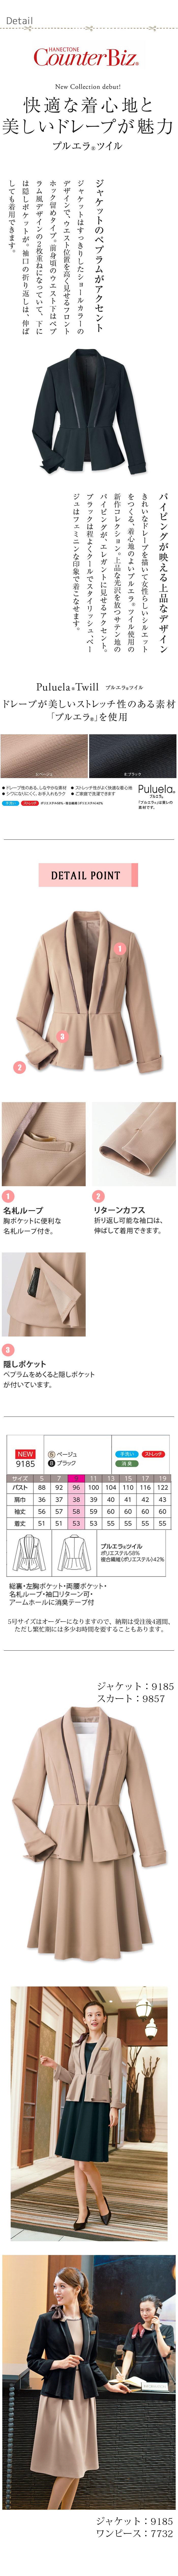 美しいドレープが魅力 ペプラムがエレガントなジャケット【2色】 スペック